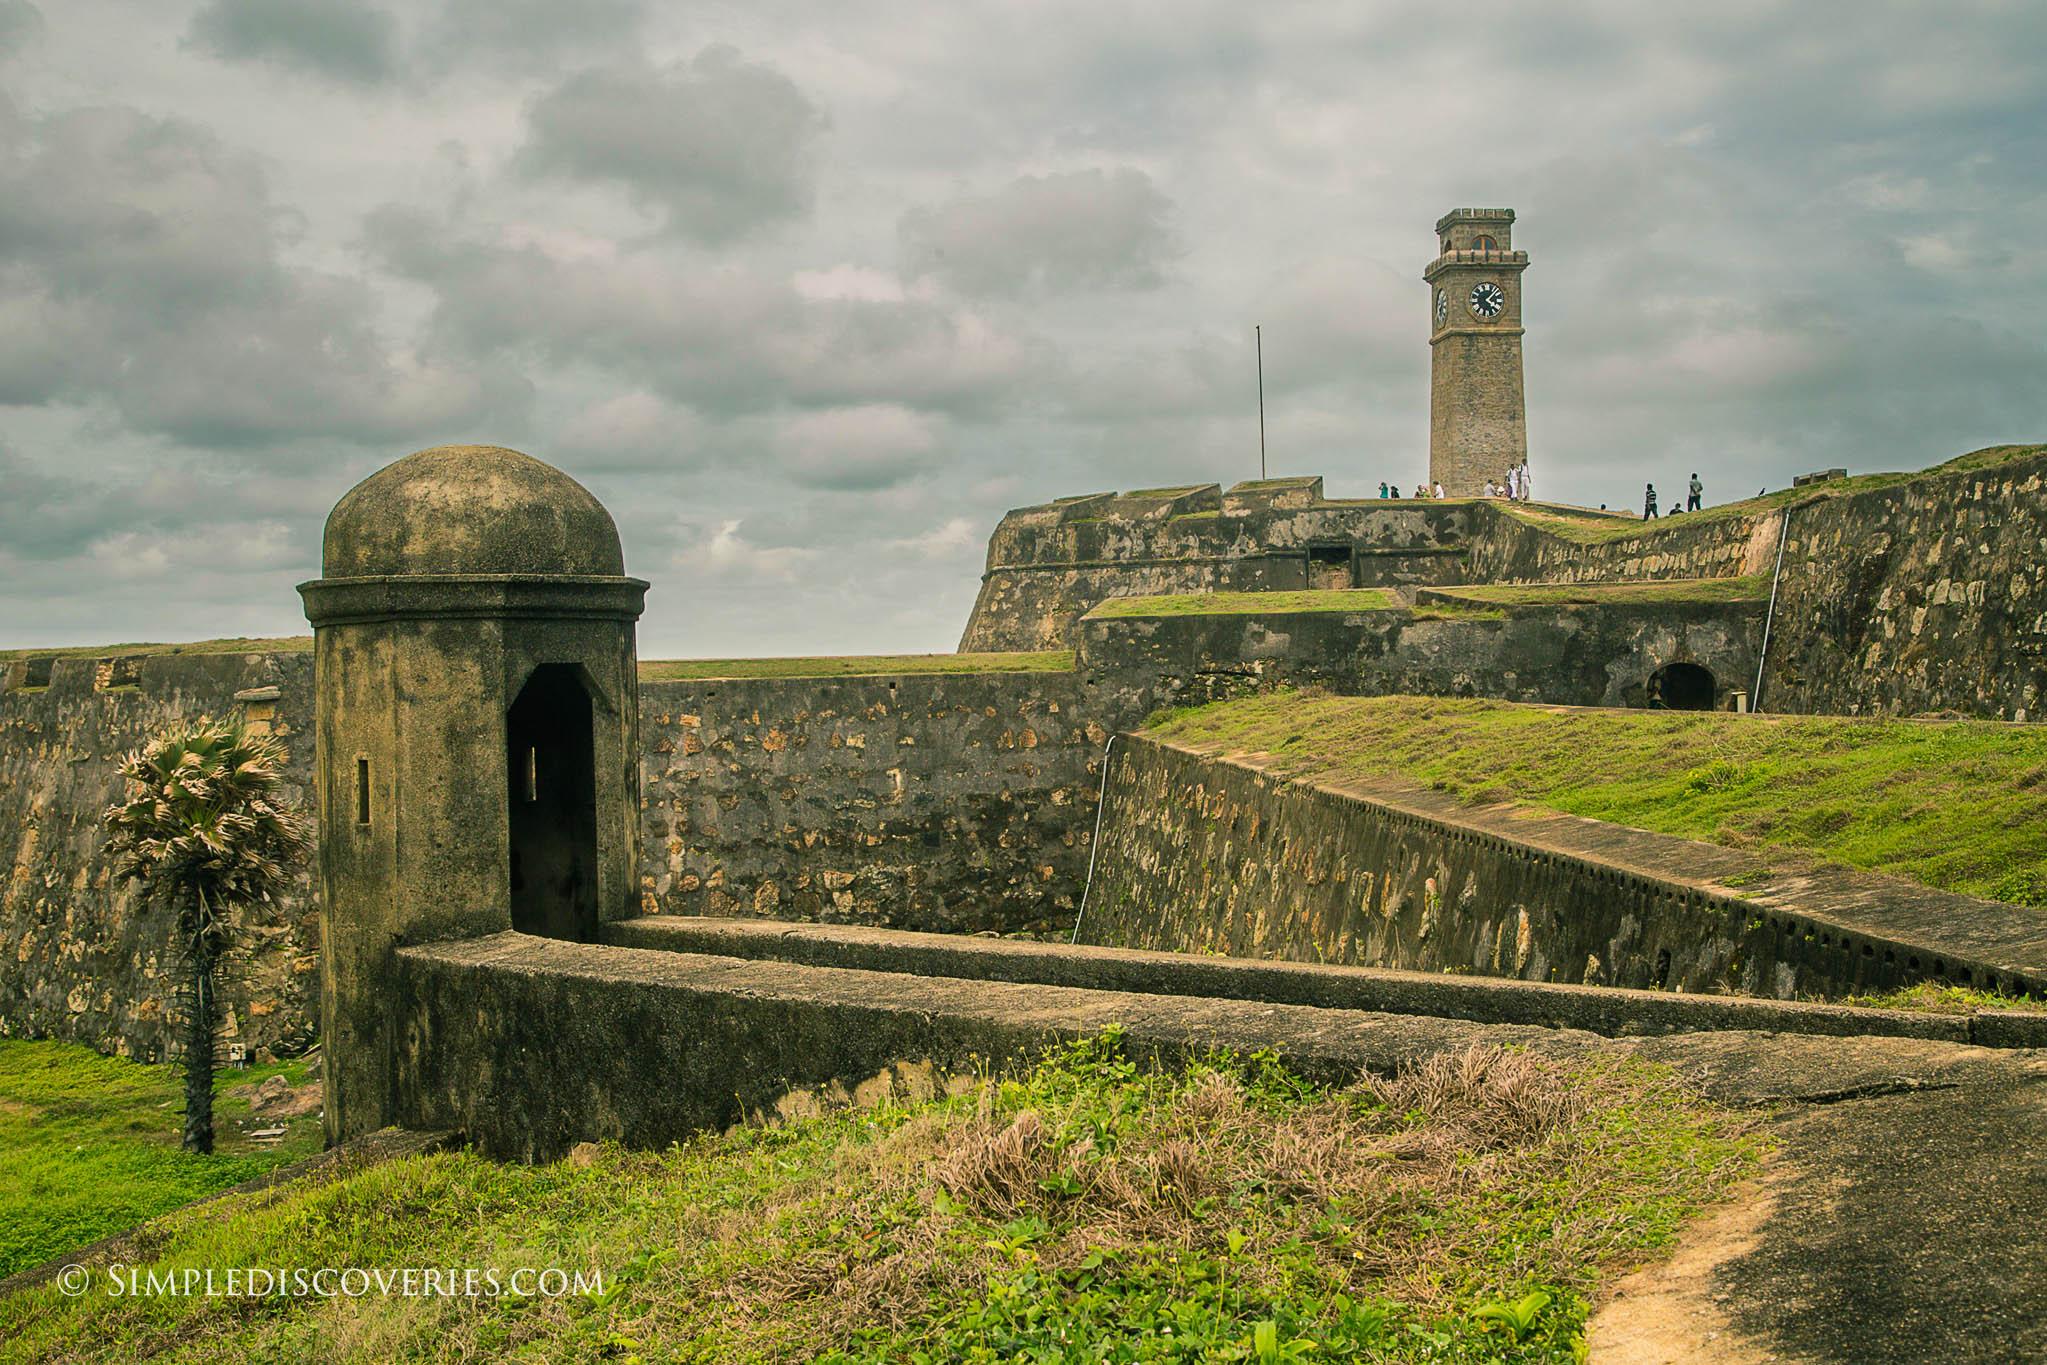 Fort_Galle_SriLanka